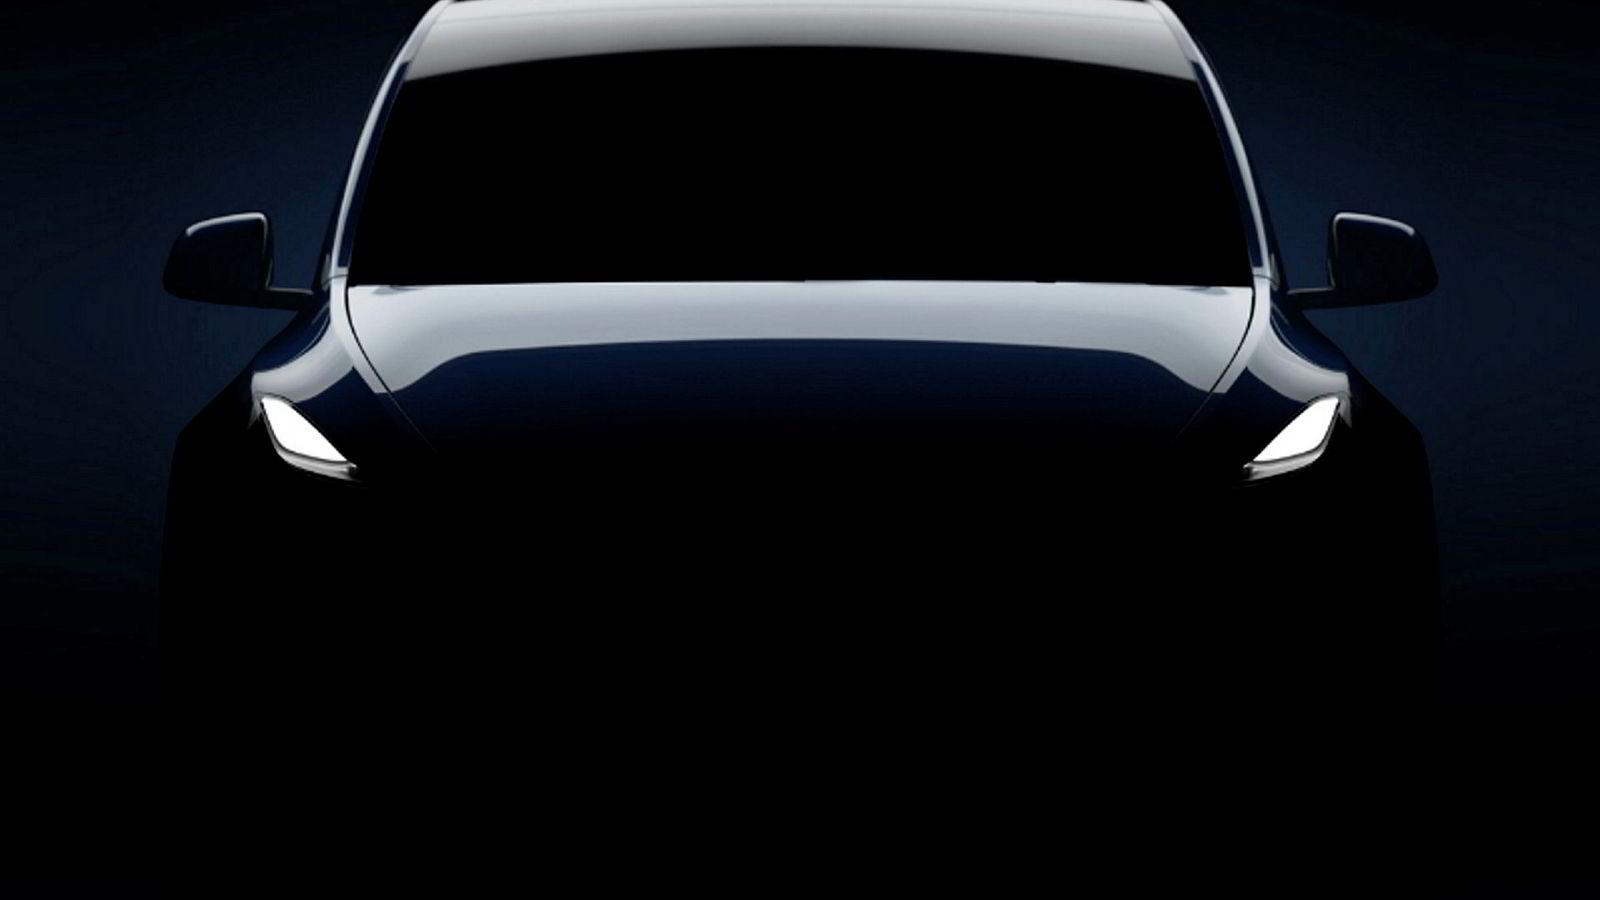 Dette er det seneste bildet av Tesla Model Y, som gir en smakebit på modellen som avdukes natt til fredag norsk tid.